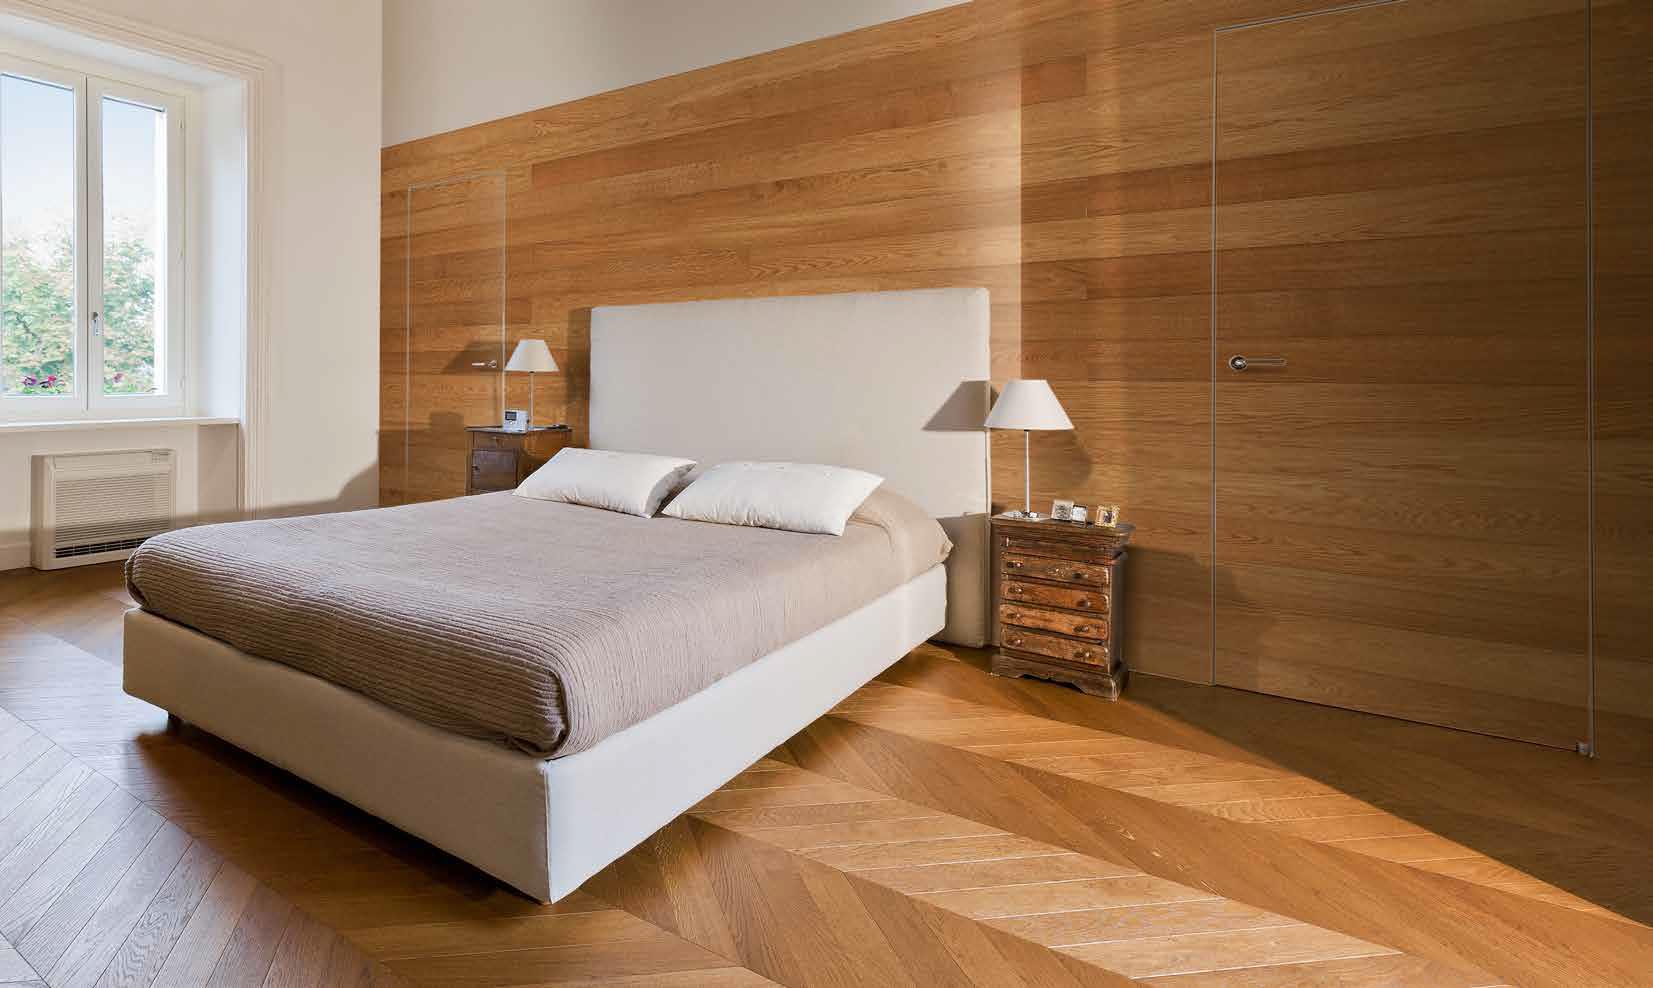 Frameless doors, walls and floor in Oak